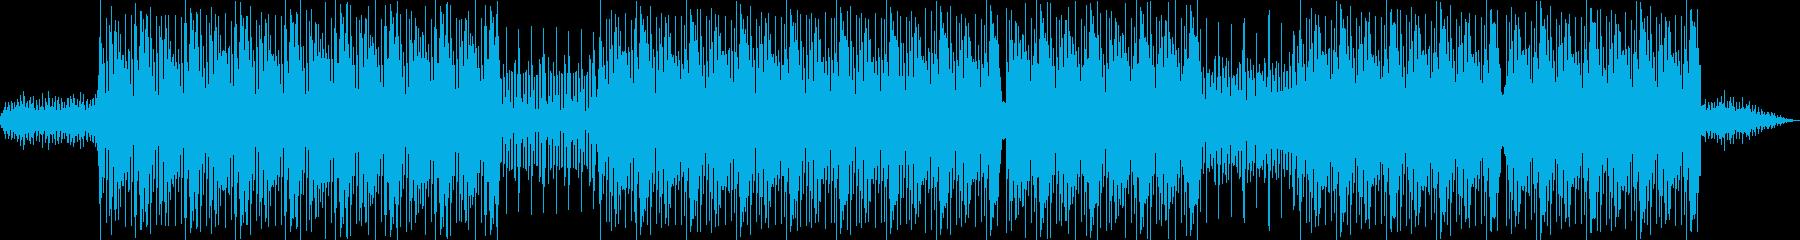 洋楽 ダークUS TRAP HIPHOPの再生済みの波形